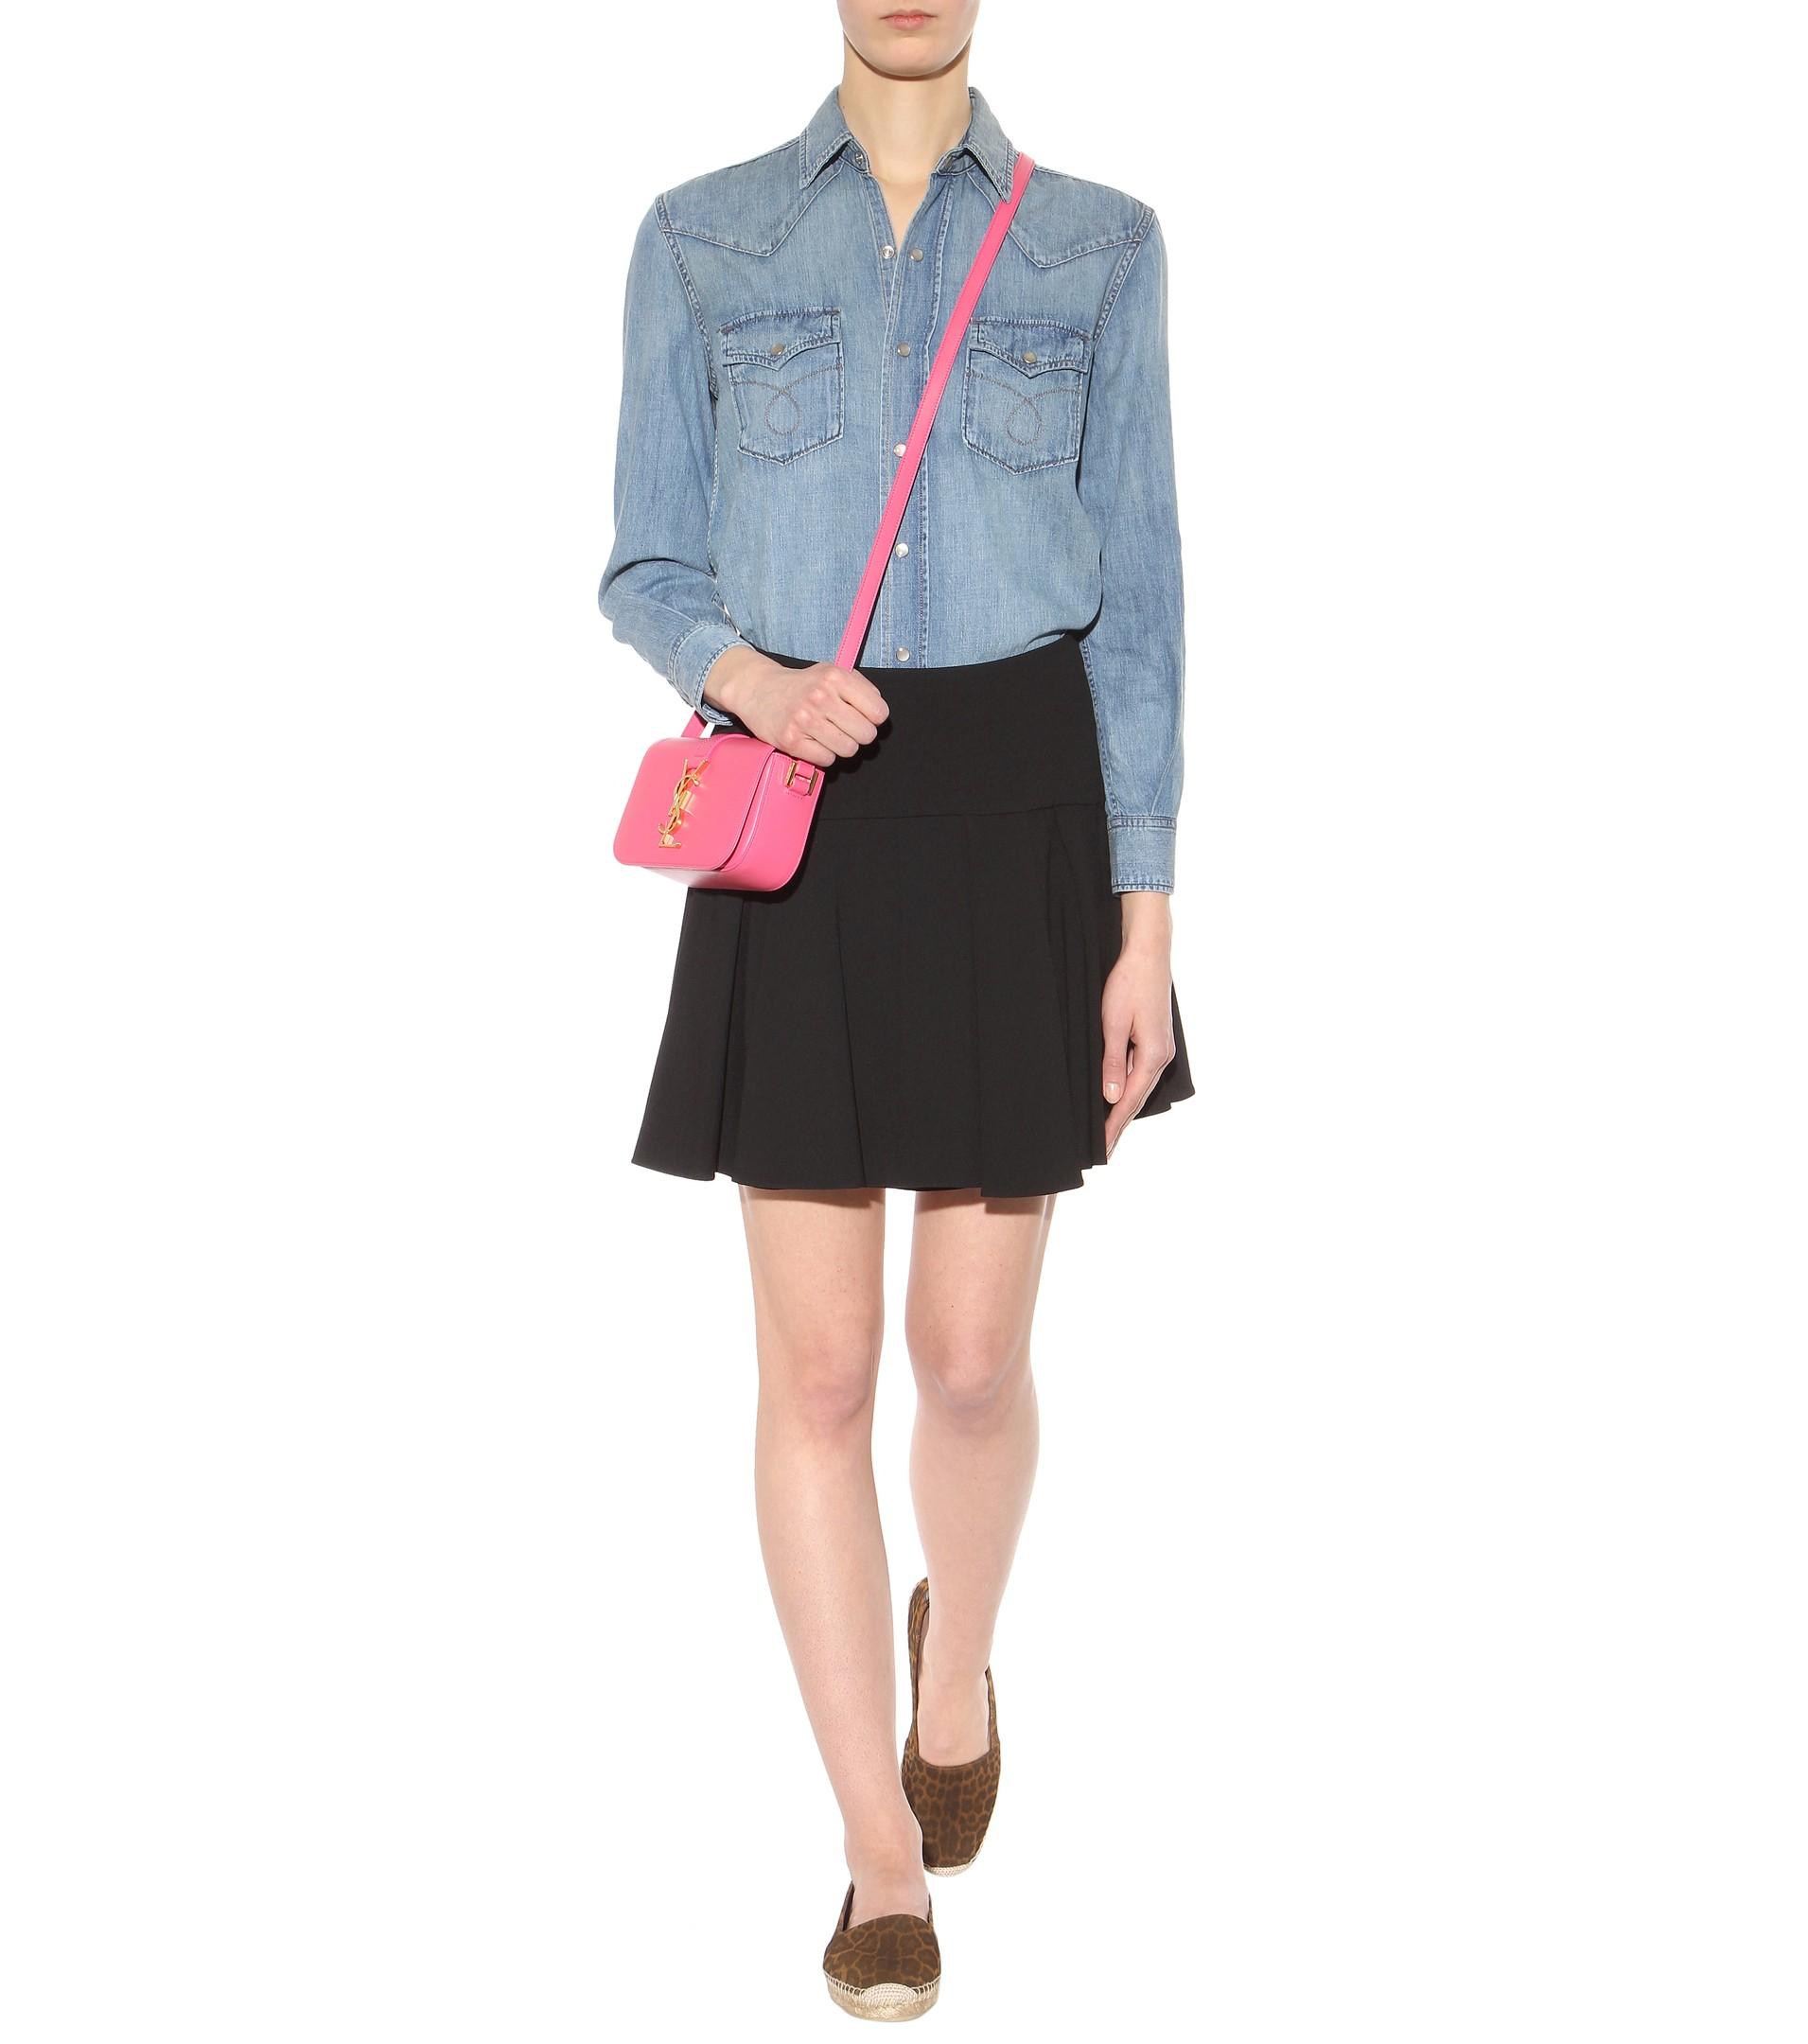 Lyst - Saint Laurent Monogram Université Small Leather Shoulder Bag ... 0074776d9aadd